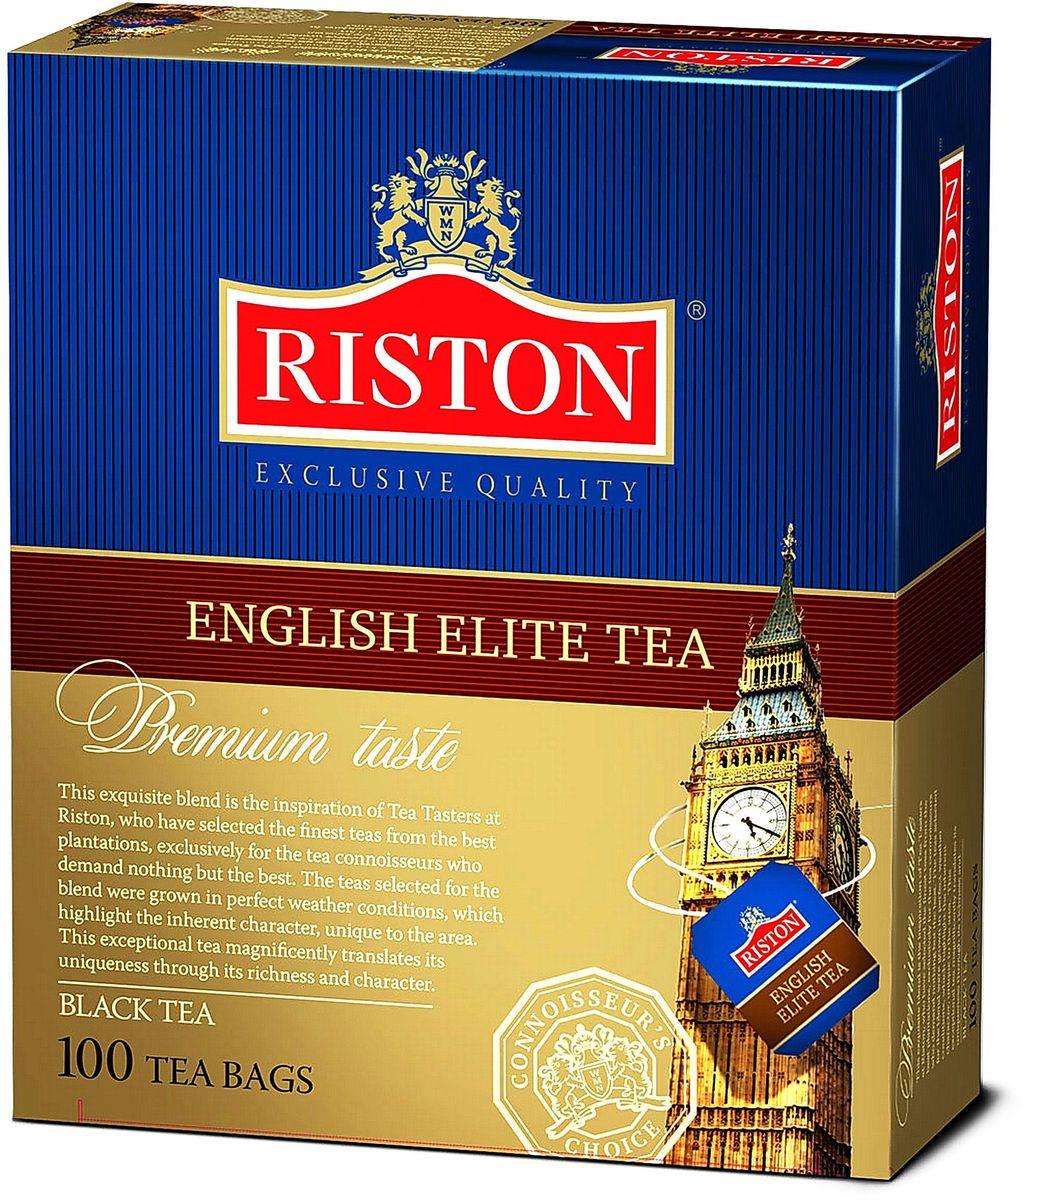 Riston Элитный Английский черный чай в пакетиках, 100 шт101246Riston Элитный Английский - крепкий характер настоящего цейлонского чая с насыщенным ароматом и деликатной ноткой бергамота будет сопровождать вас в течение дня продолжительным мягким послевкусием.